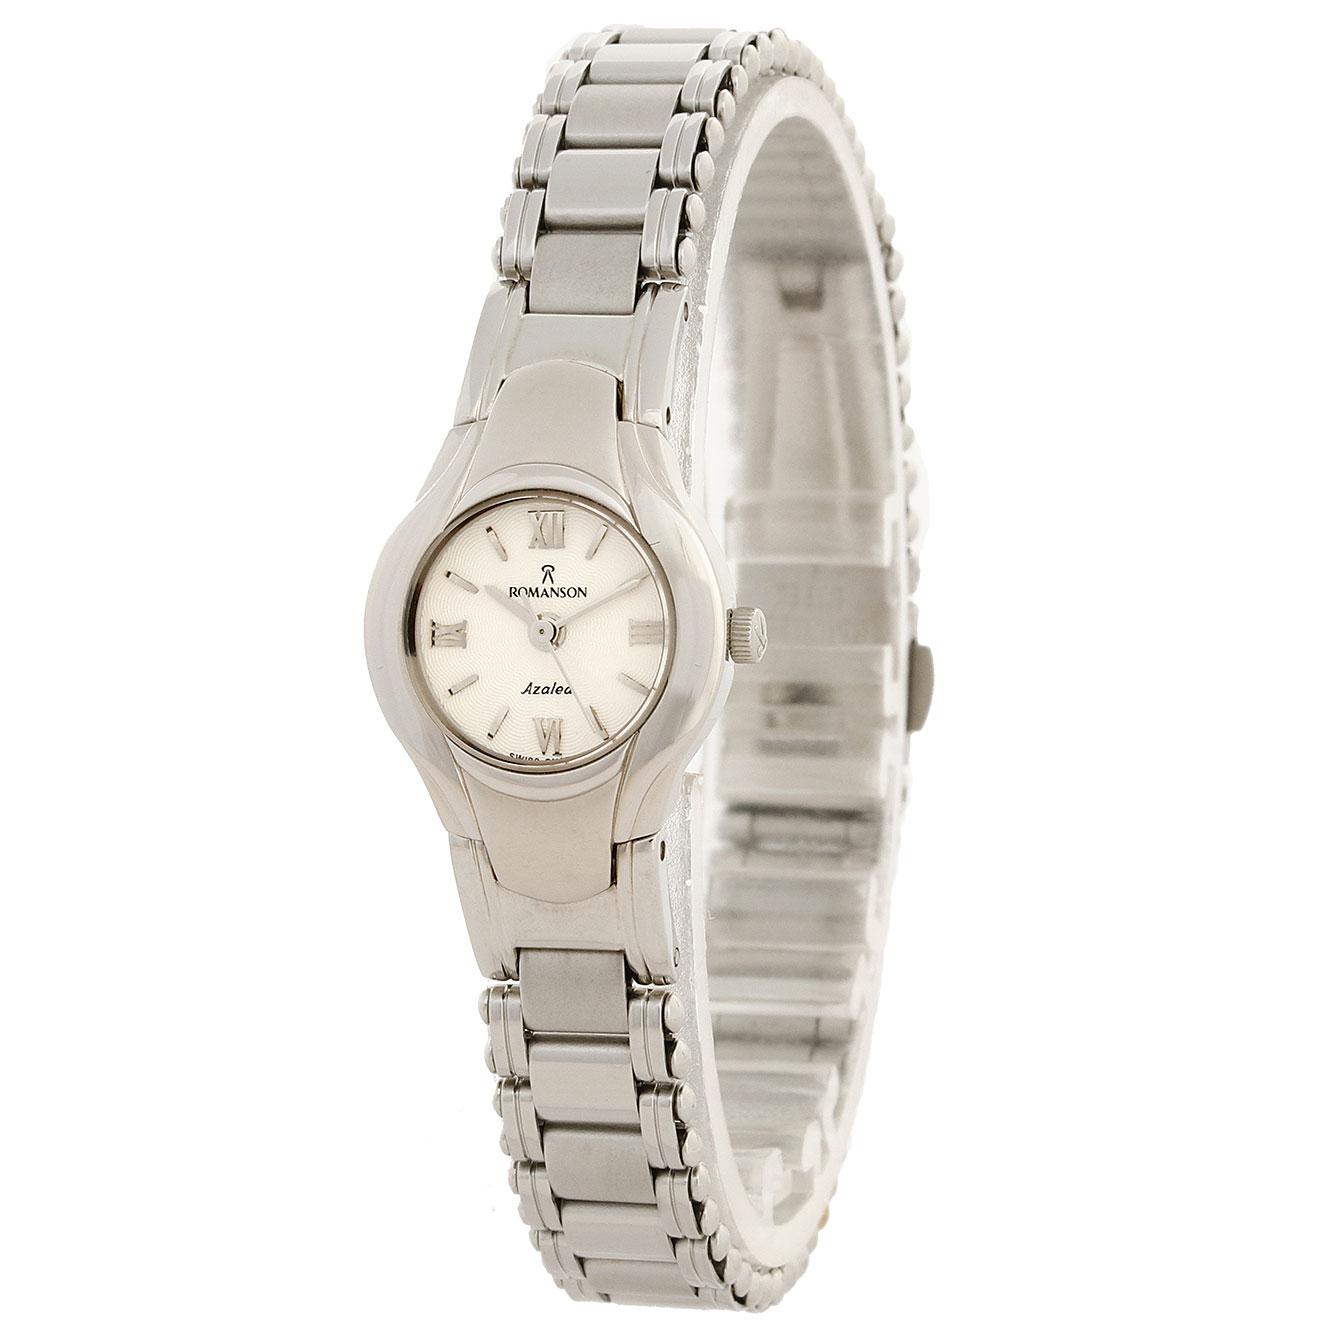 ساعت مچی عقربه ای زنانه رومانسون مدل NM4517LL1WAS2W              خرید (⭐️⭐️⭐️)